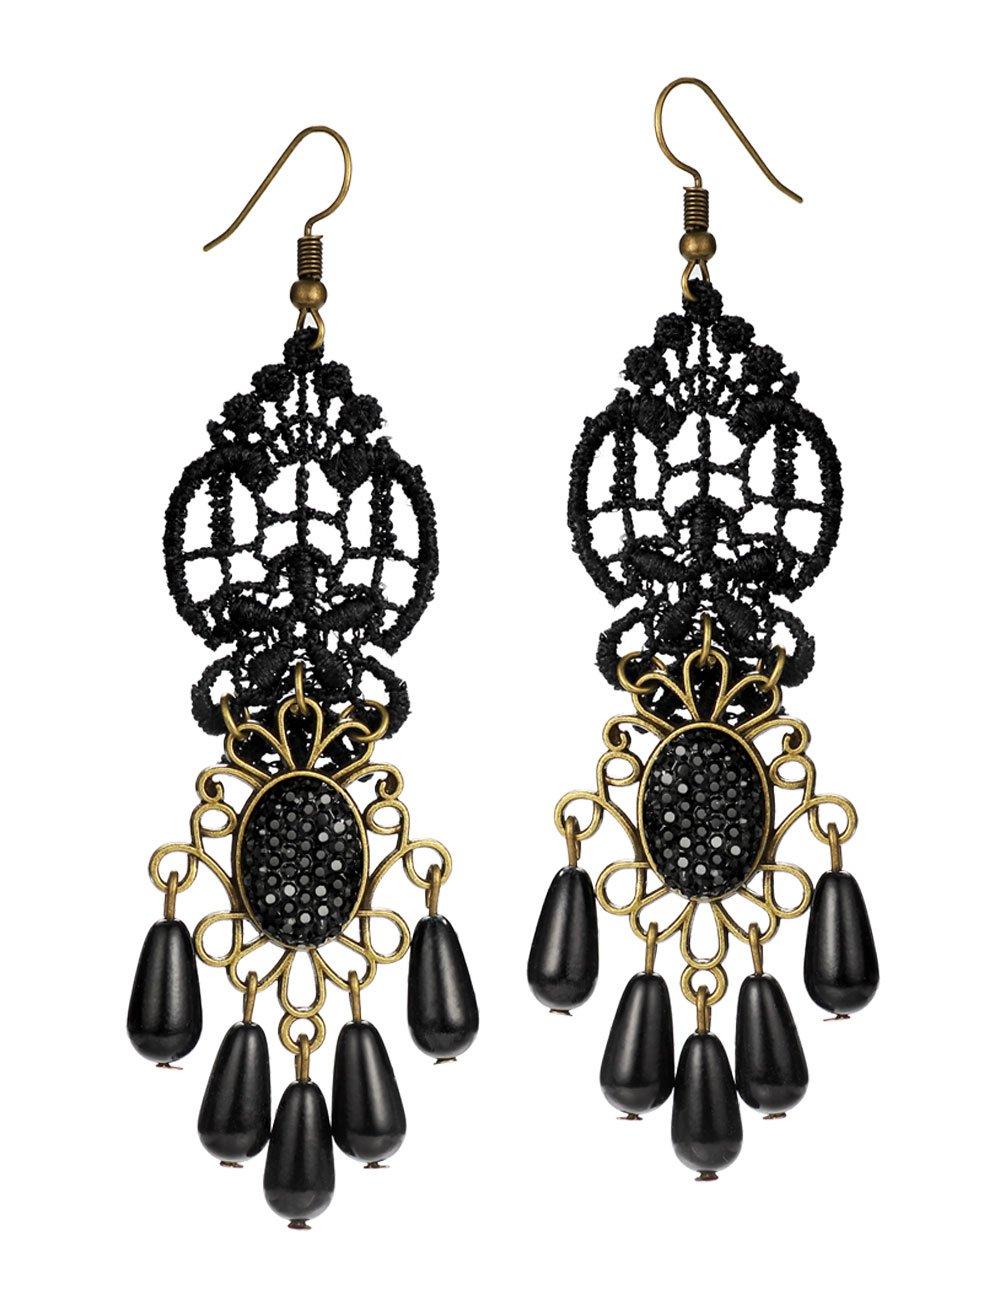 Mints Tassel Earrings Teardrop Gothic Jewelry for Women Black Lace Rhinestone Drop Dangle Earrings Chandelier Vintage